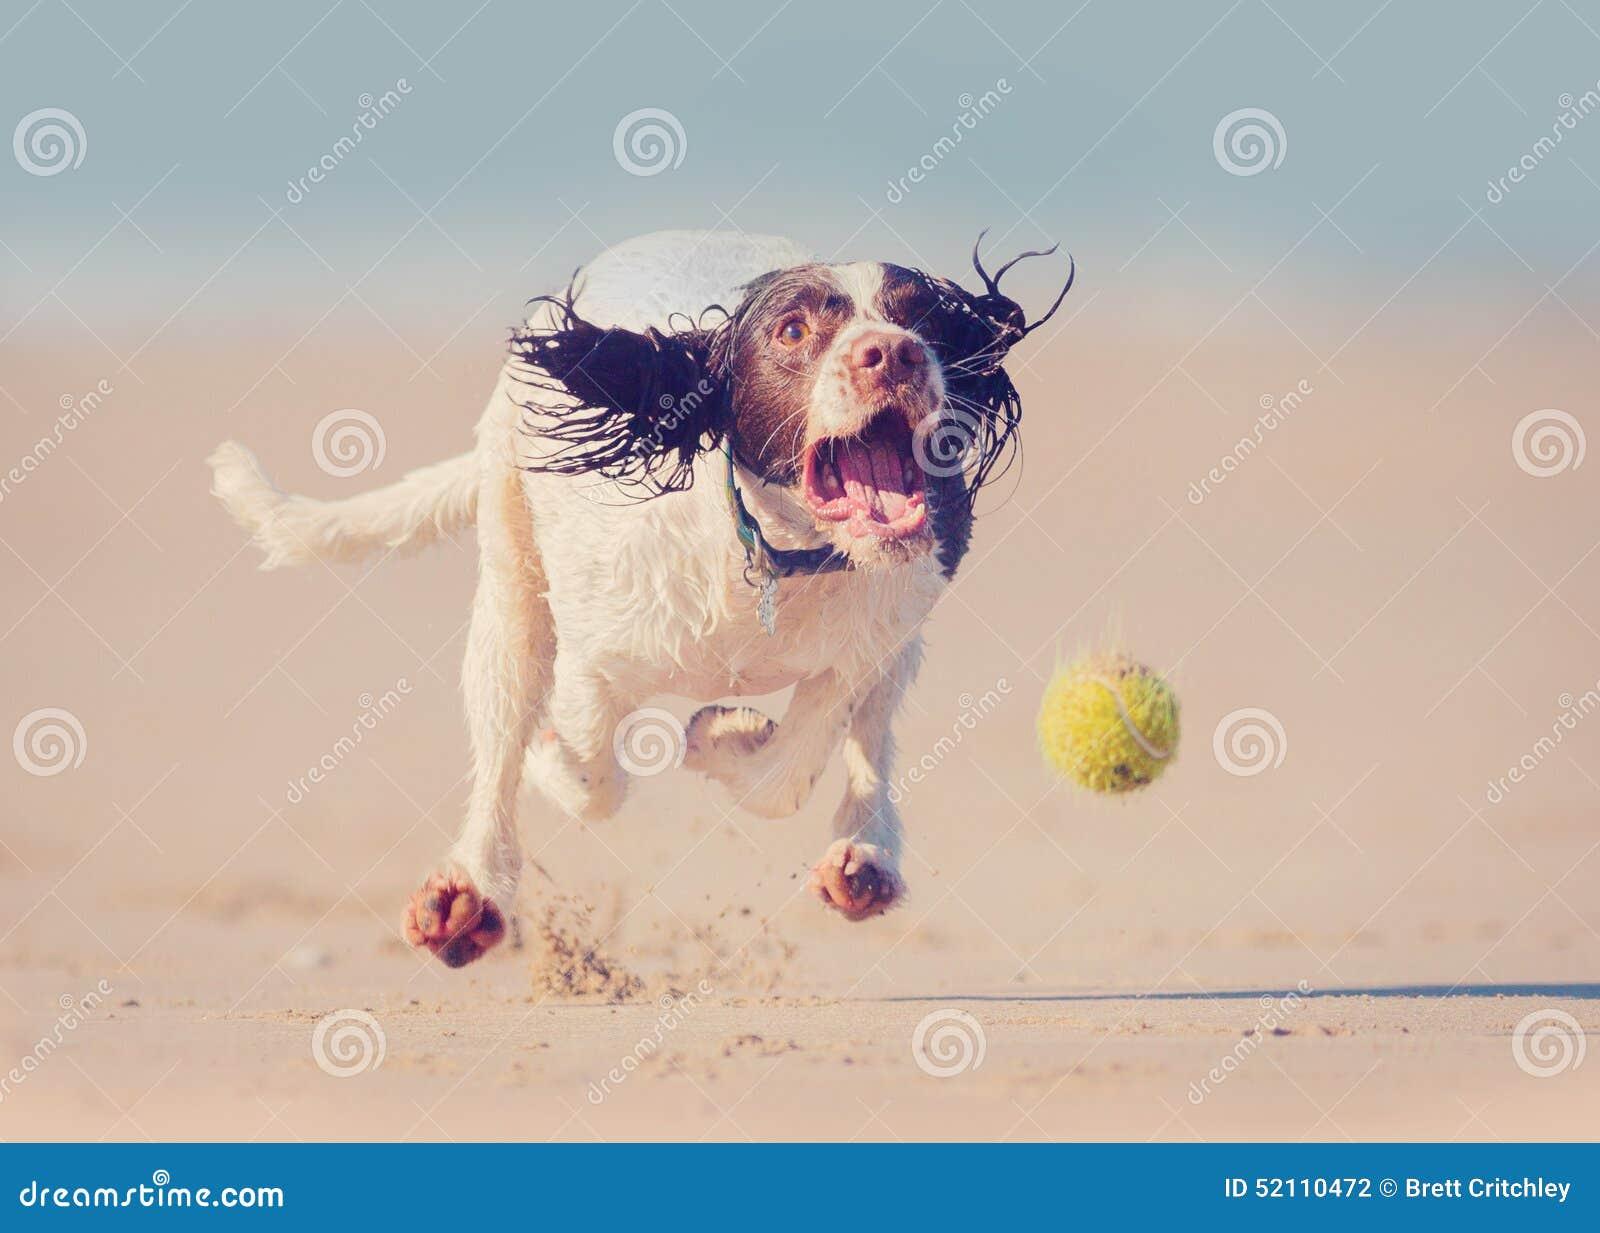 Dog running after ball